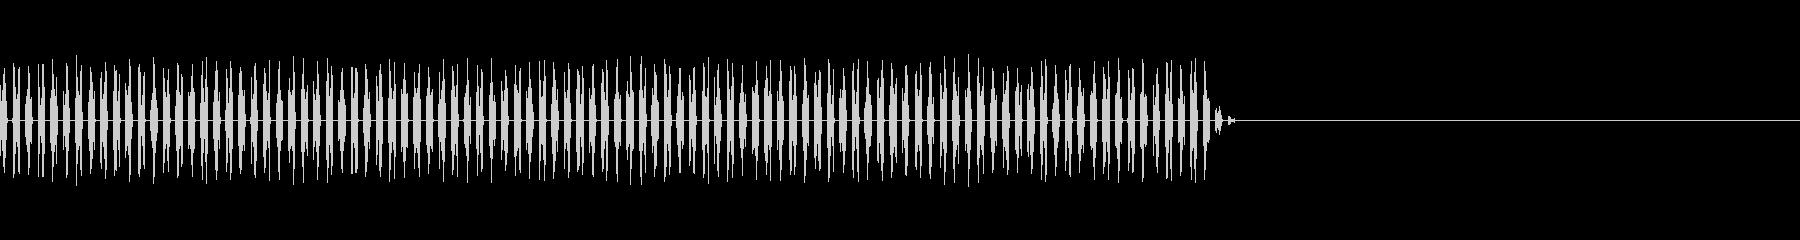 回転音(再生・巻き戻し)の未再生の波形